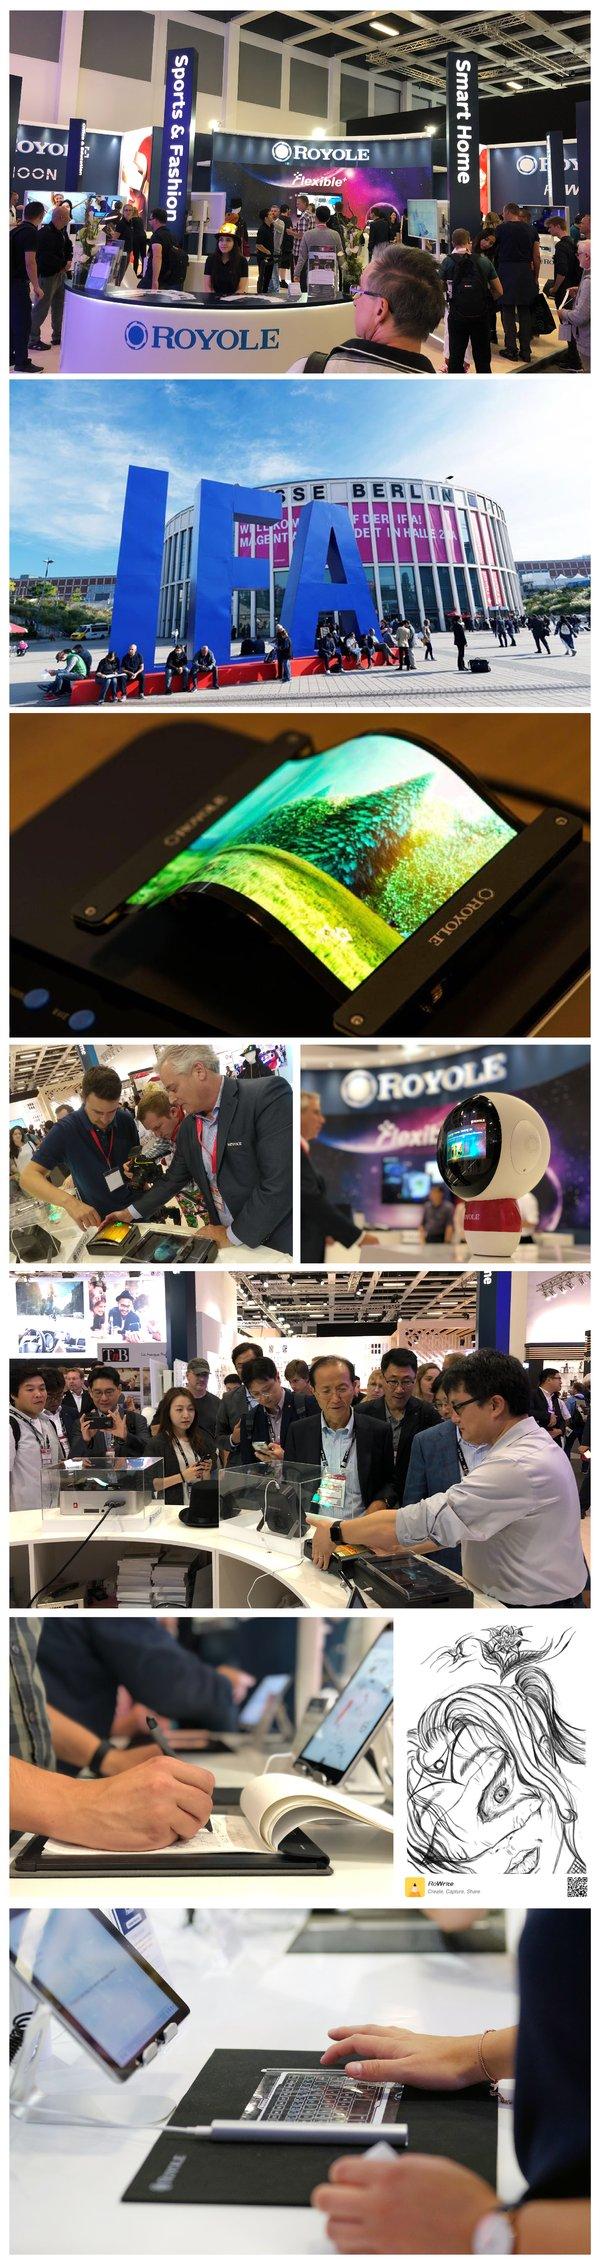 柔宇科技集中展出柔性屏时尚礼帽、柔性屏机器人等柔性产品